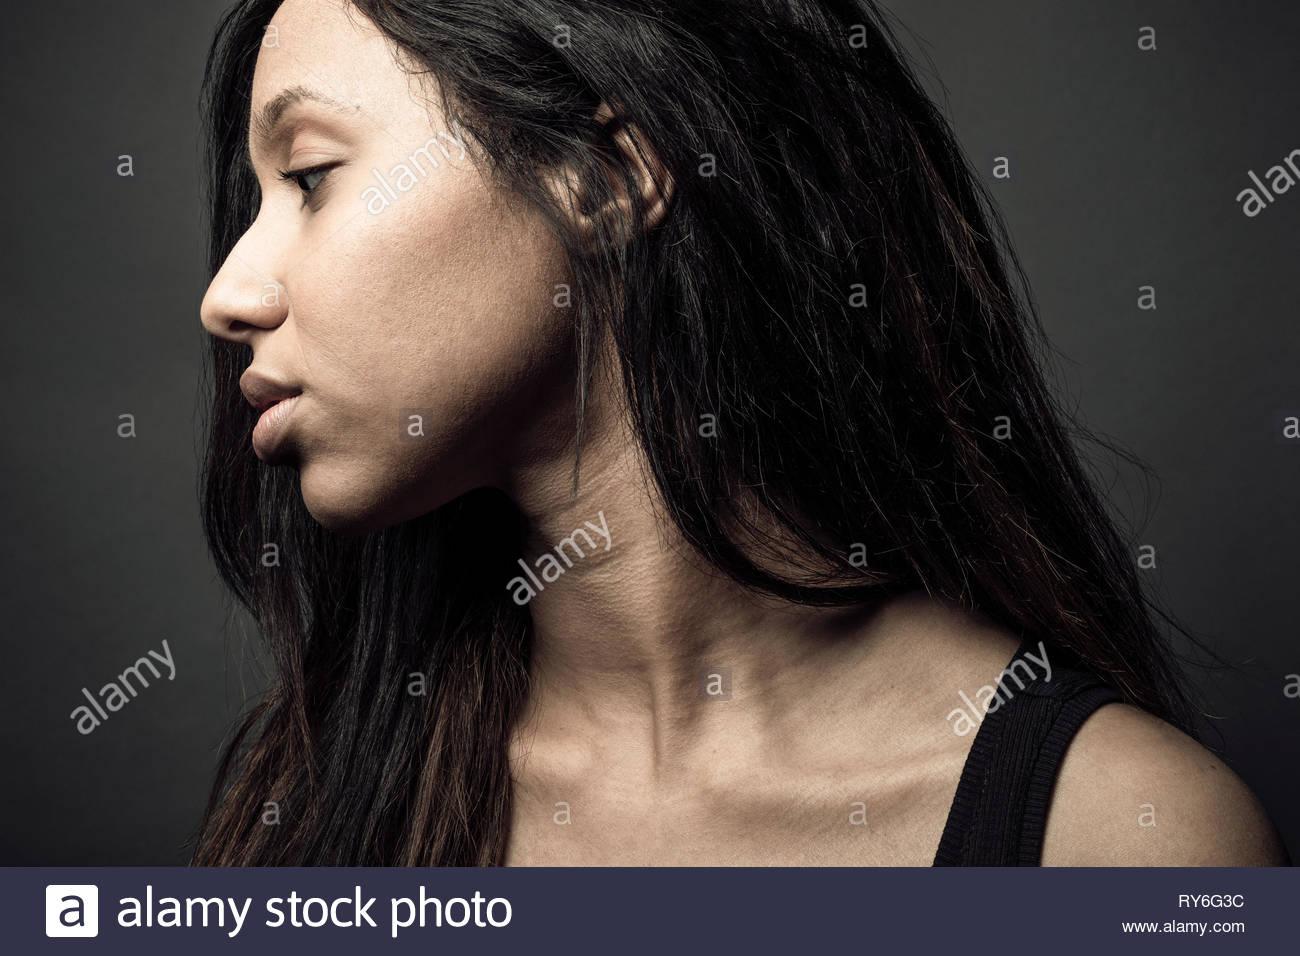 Ritratto di profilo considerato giovane e bella donna giamaicana con lunghi capelli neri Immagini Stock